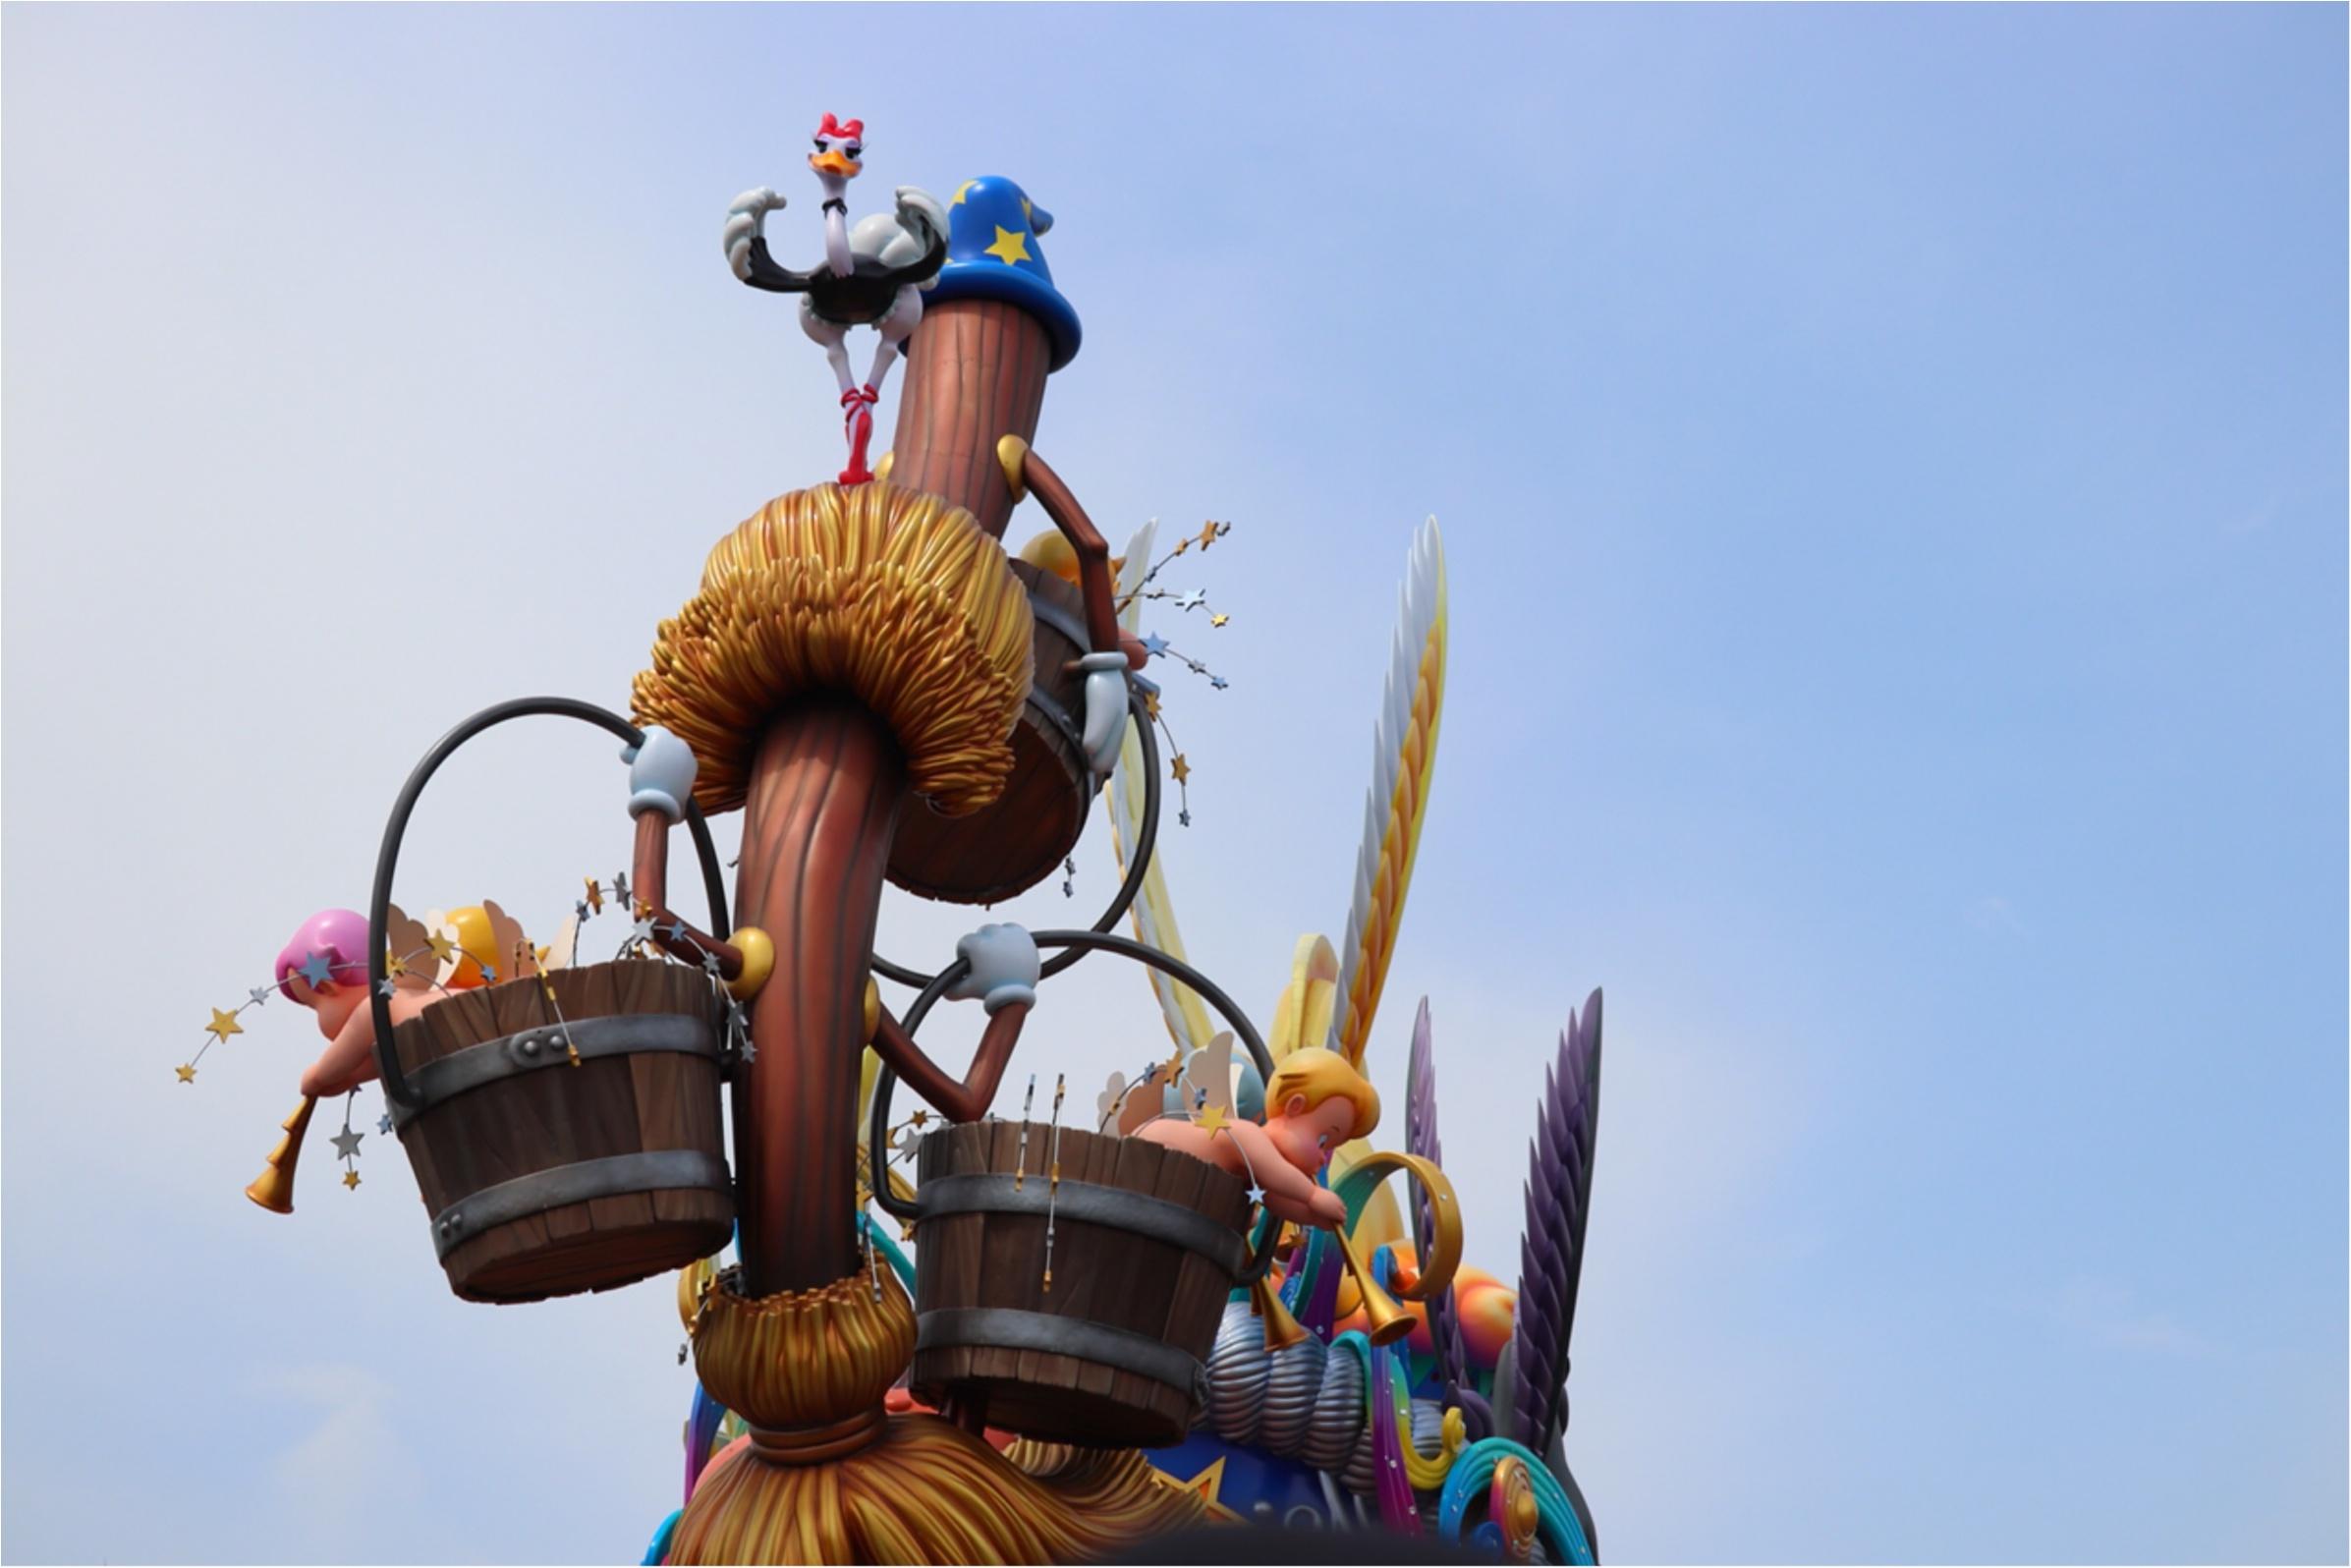 ▷【東京ディズニーランド35周年】Newパレード「ドリーミング・アップ!」がとにかく凄い!!_5